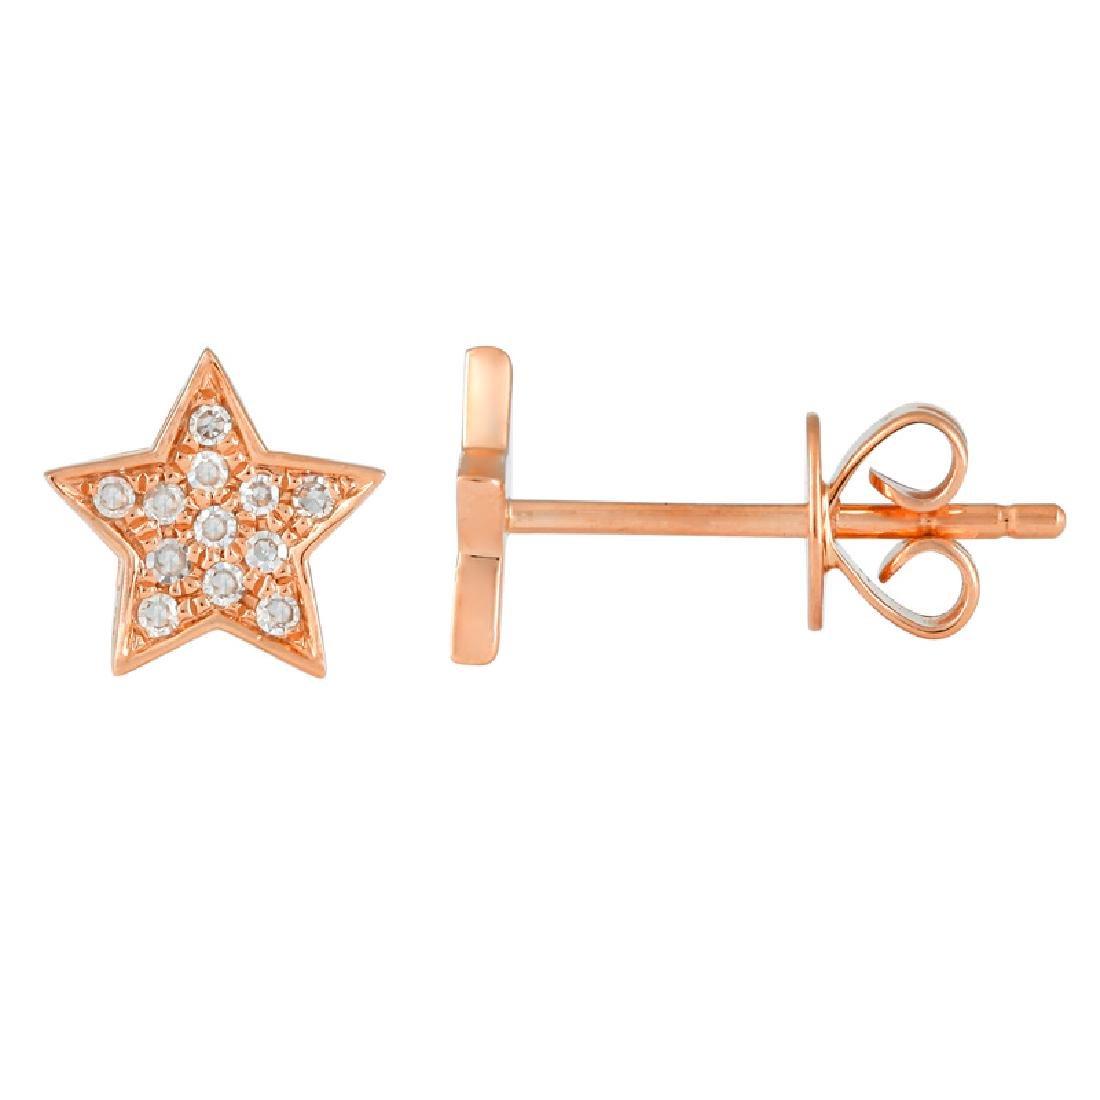 14KT Rose Gold Diamond Earrings - 2